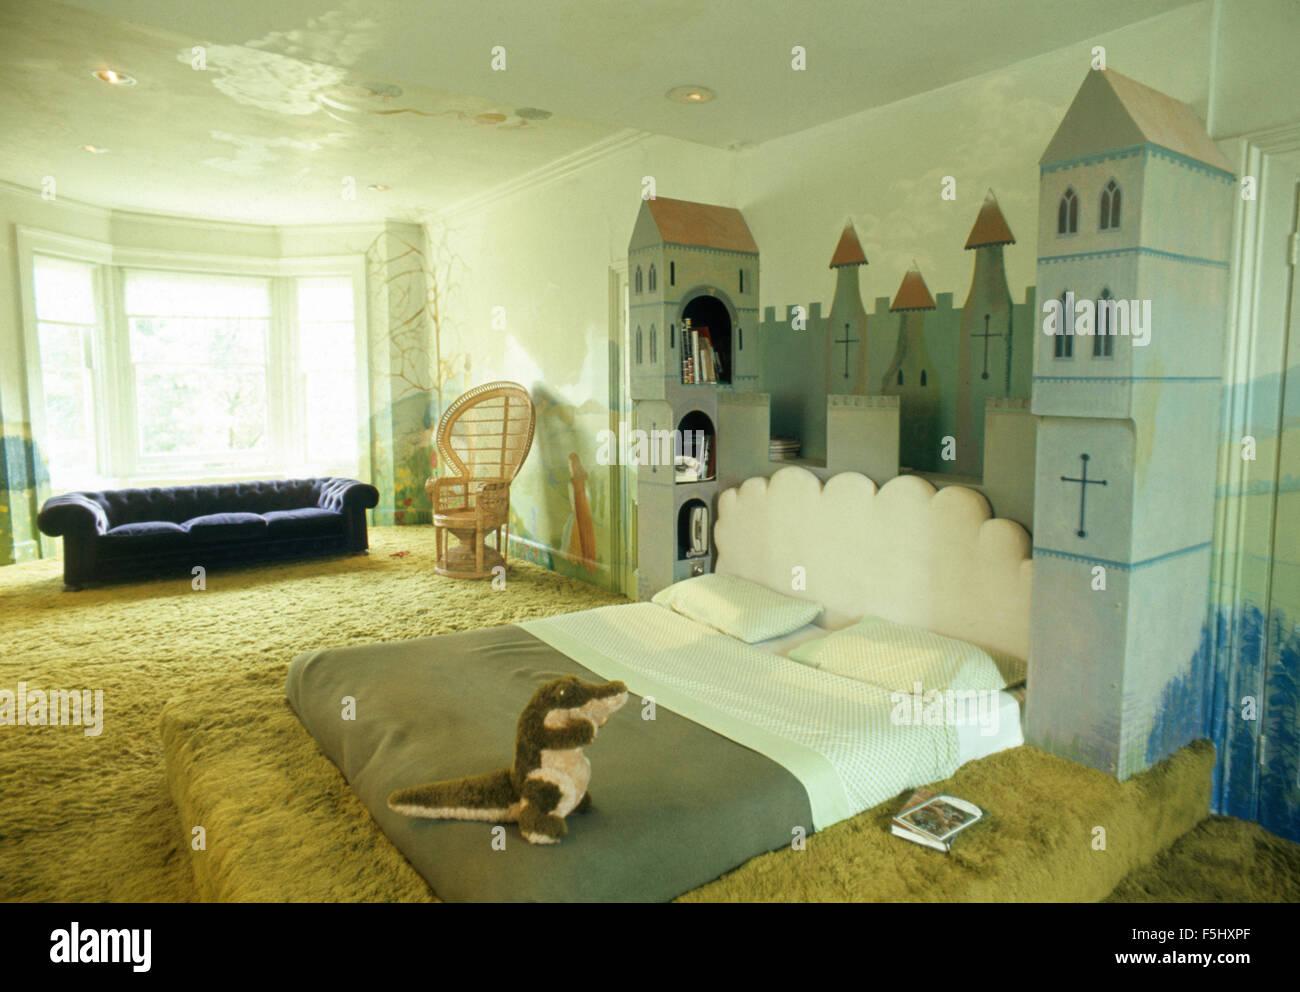 Bett Teppich Schlafzimmer Mit Komfortbett Shui Teppich Machen Bett Set